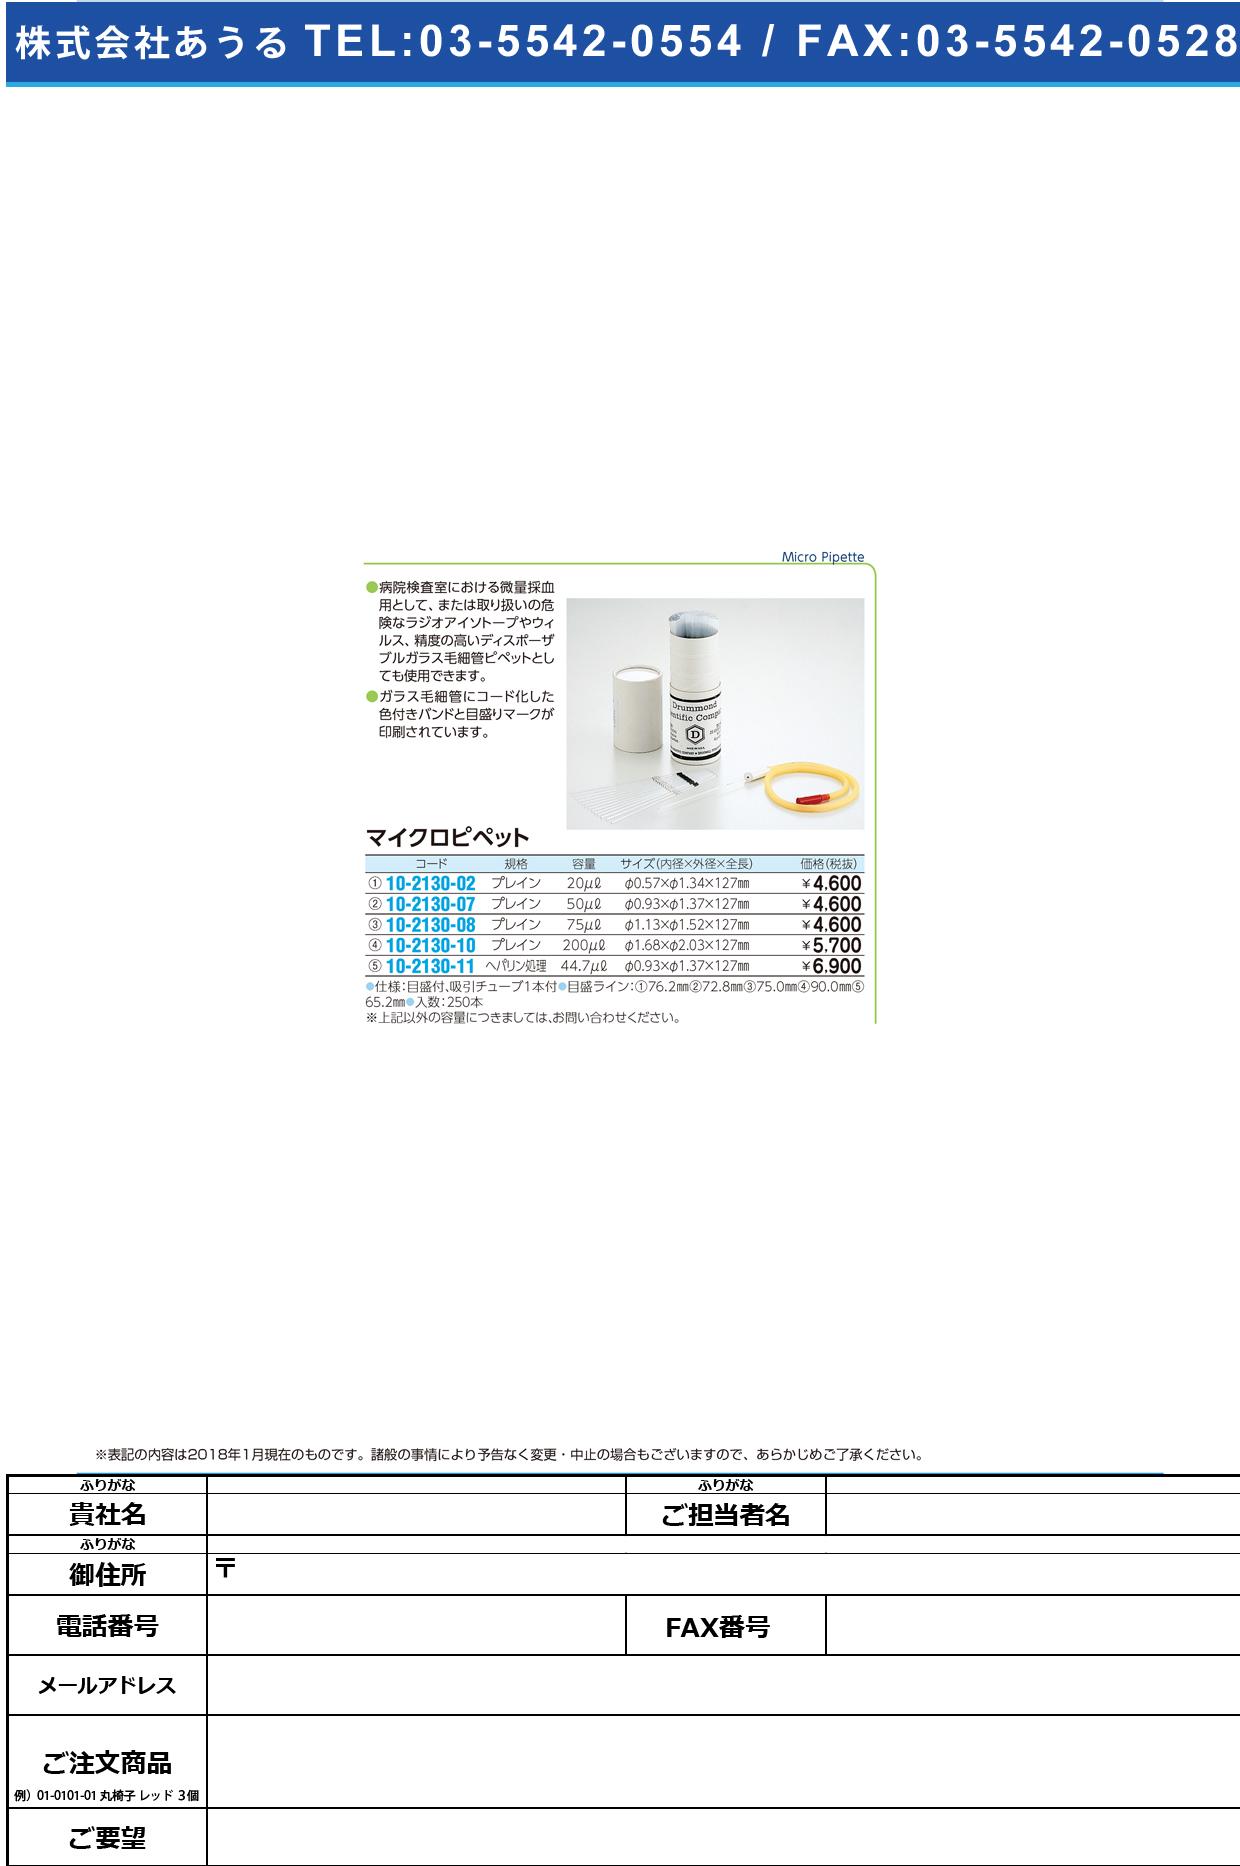 (10-2130-02)マイクロピペット(20μl) プレイン(250イリ) マイクロピペット20【1箱単位】【2018年カタログ商品】